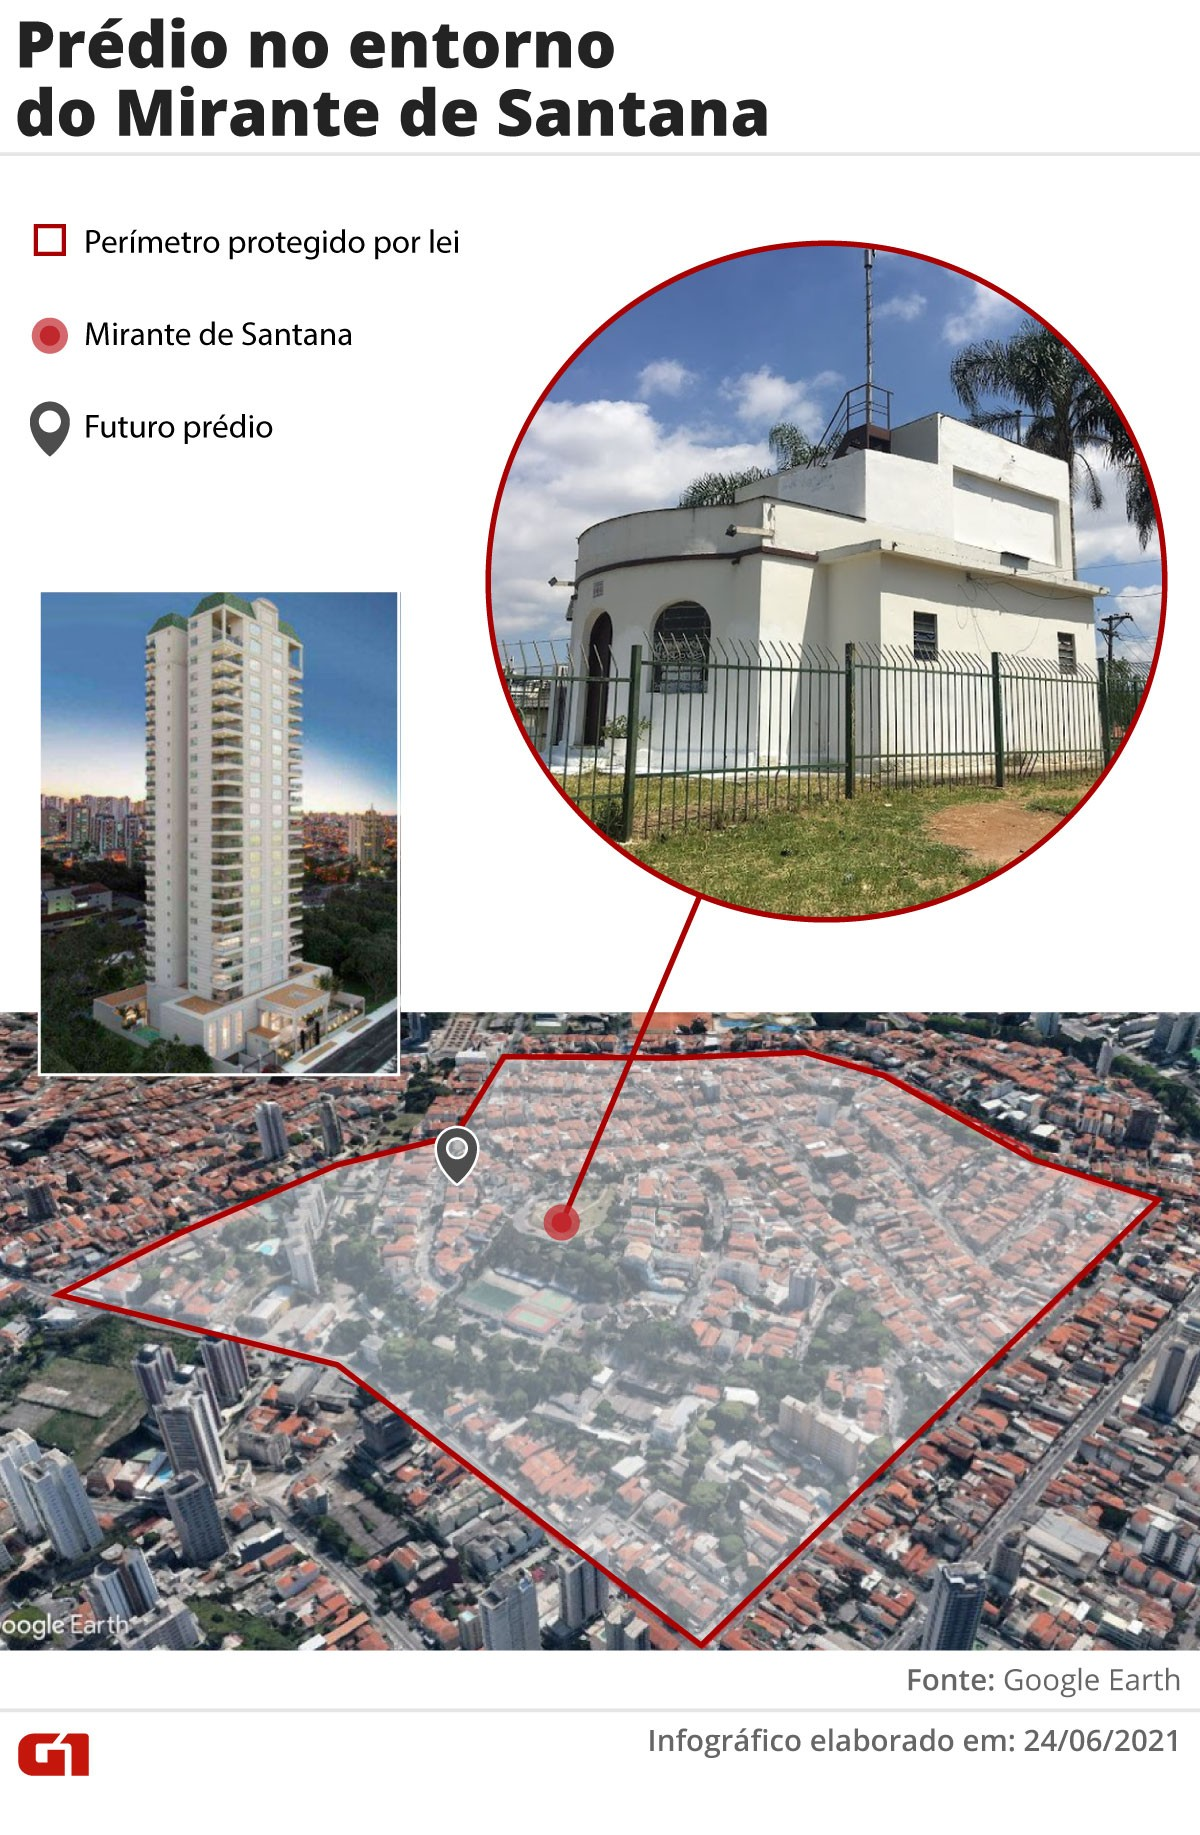 Instituto de Astronomia da USP se posiciona contra construção de prédio ao lado do Mirante de Santana que pode afetar medições meteorológicas